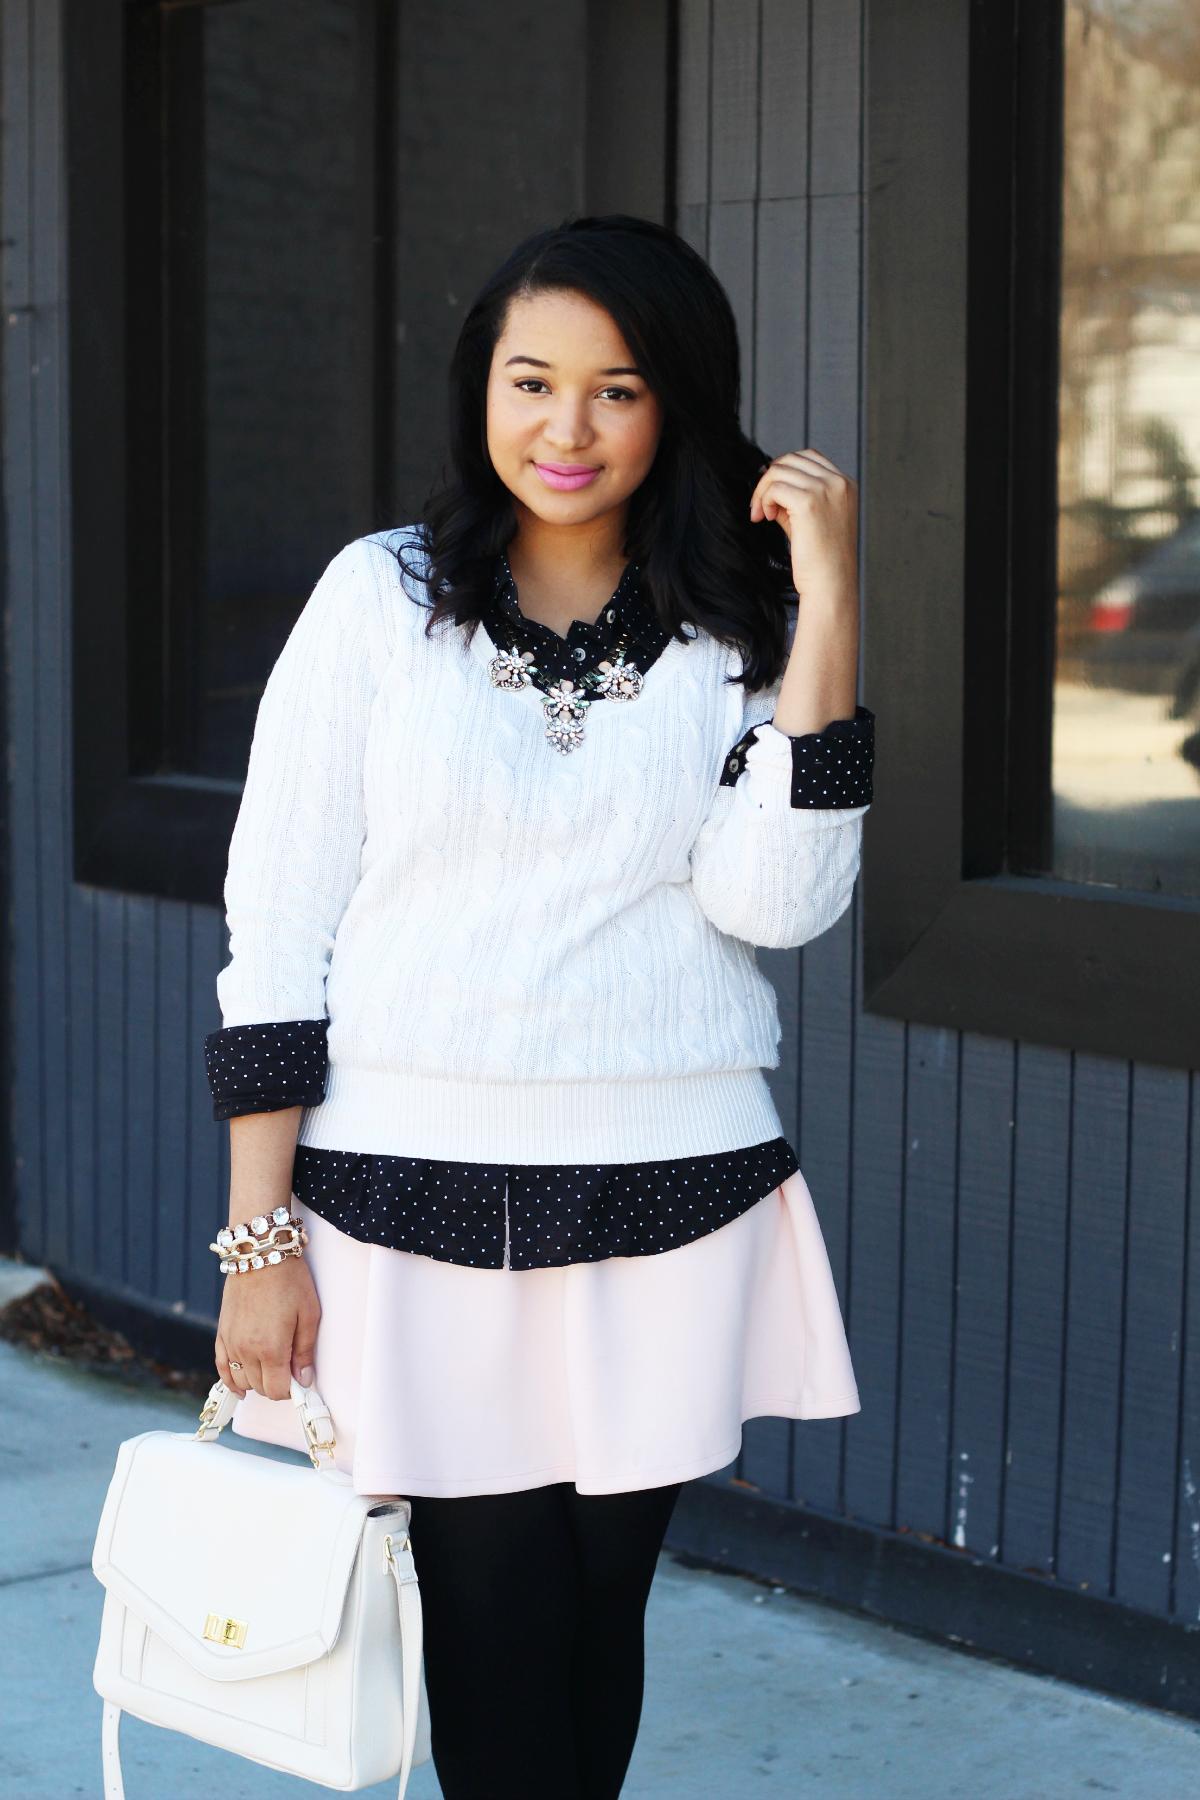 Pink Skirt & Polka Dots